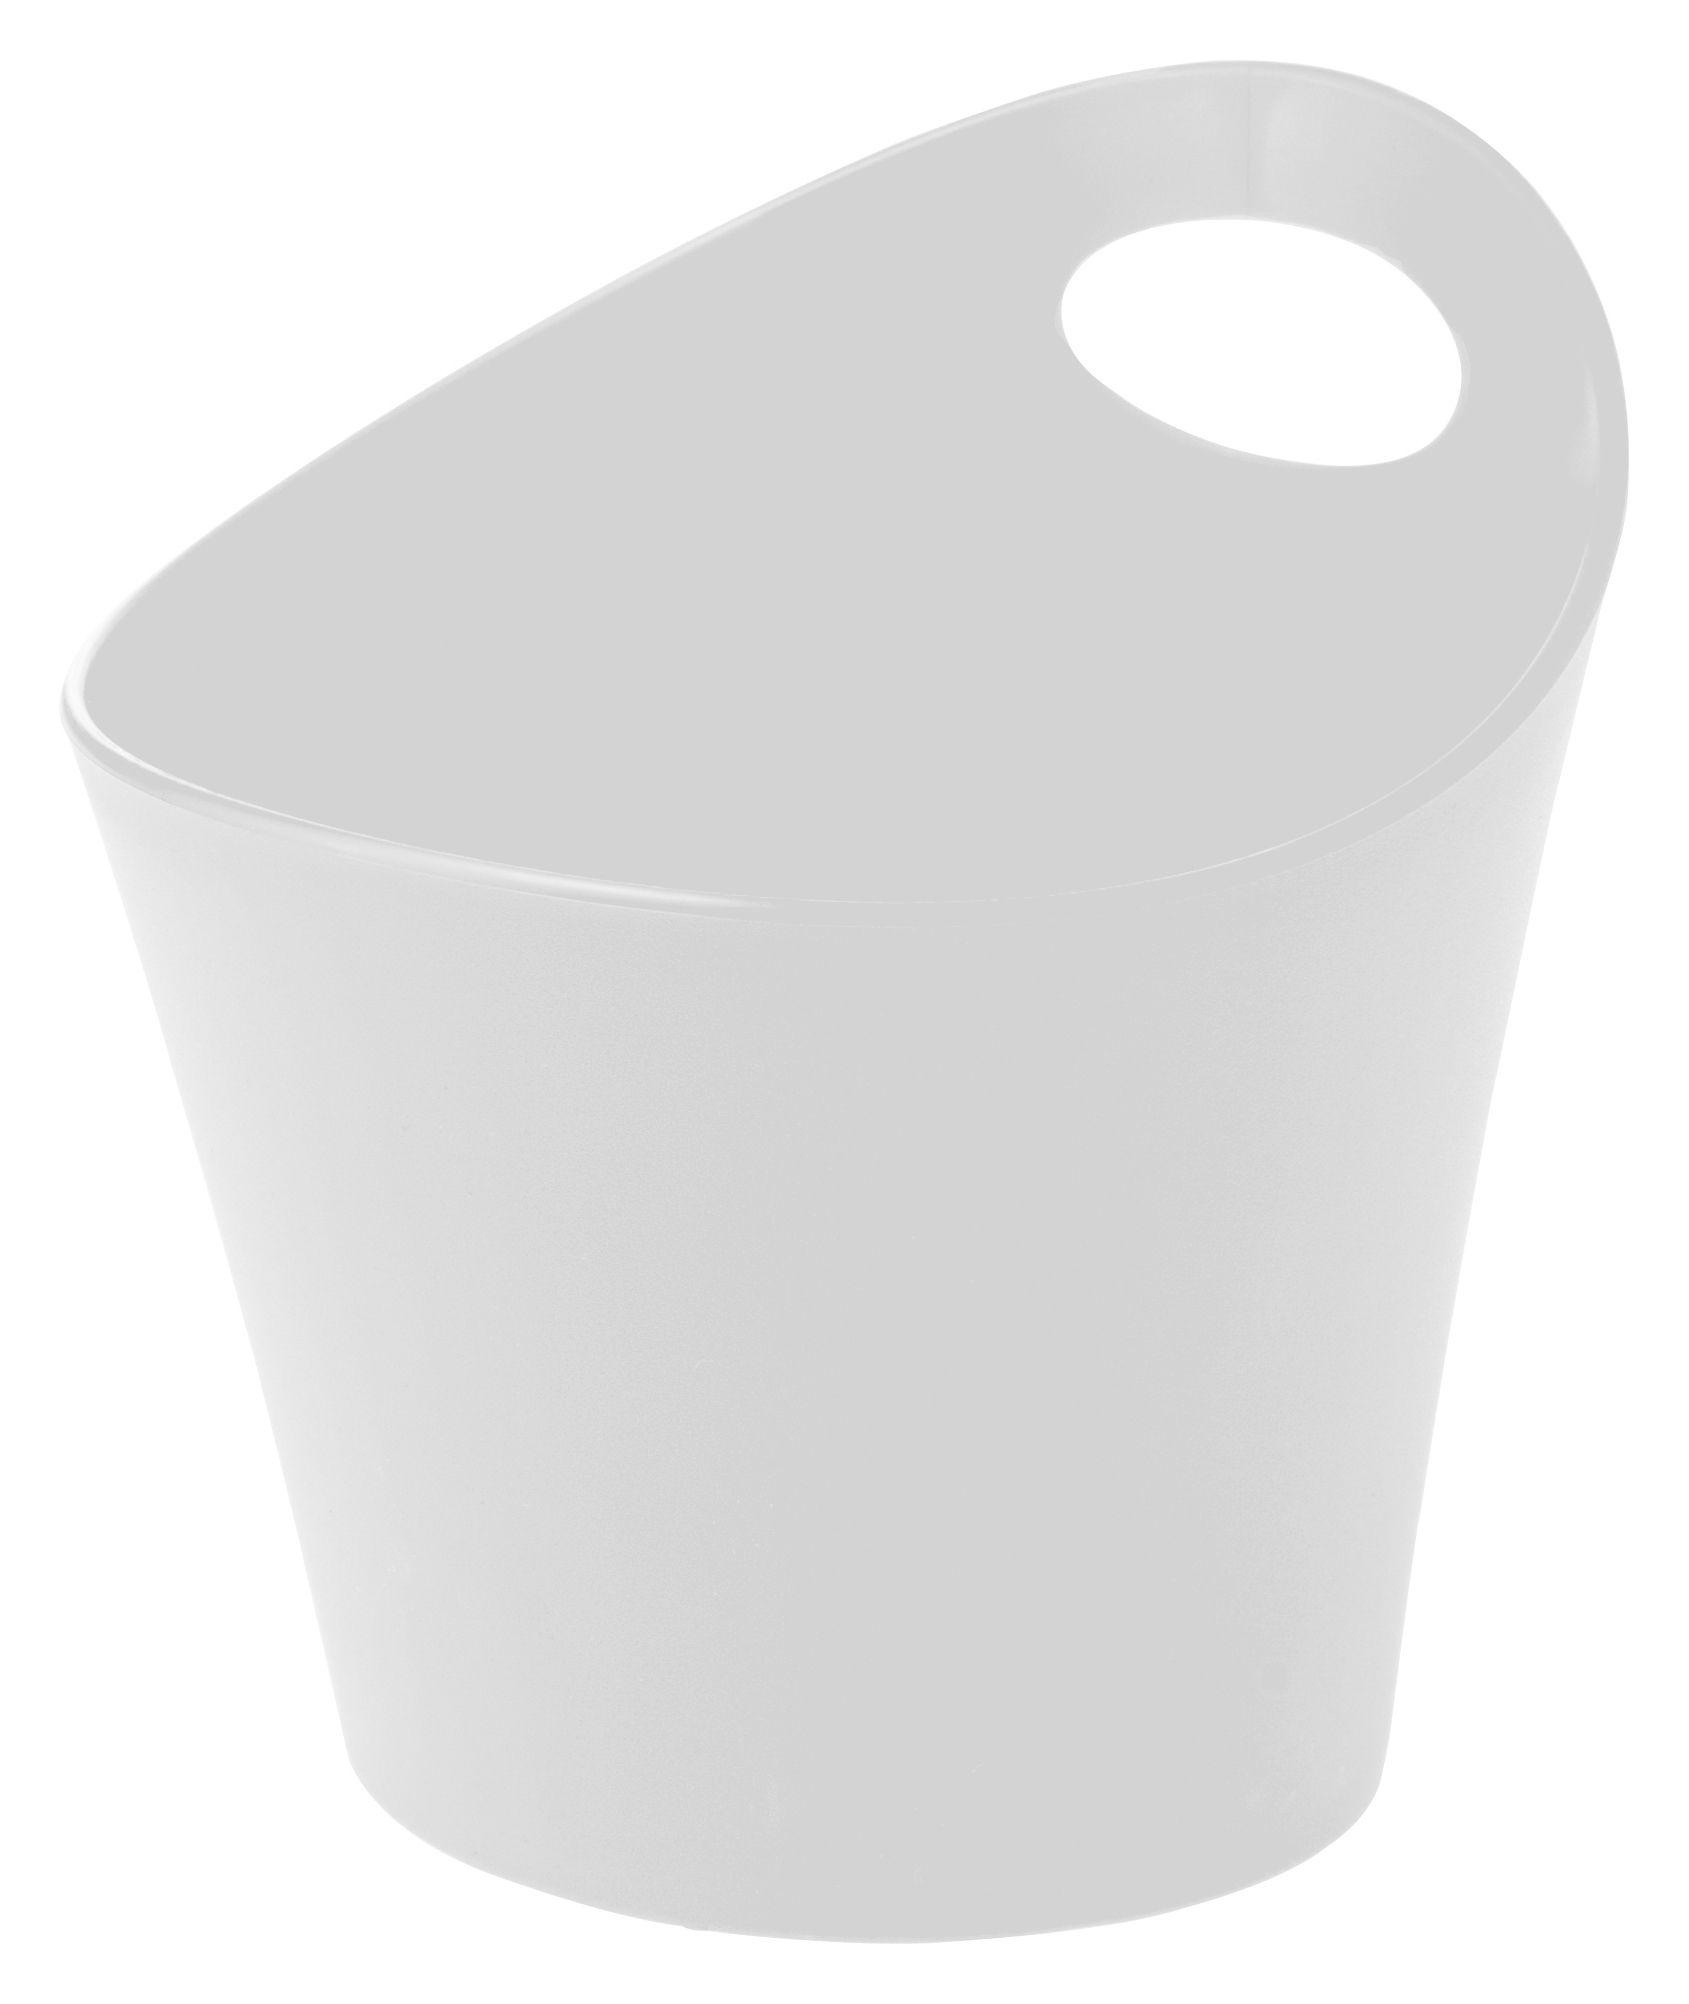 Déco - Salle de bains - Pot Pottichelli / Cache-pot - Ø 17 x H 15 cm - Koziol - Blanc - PMMA